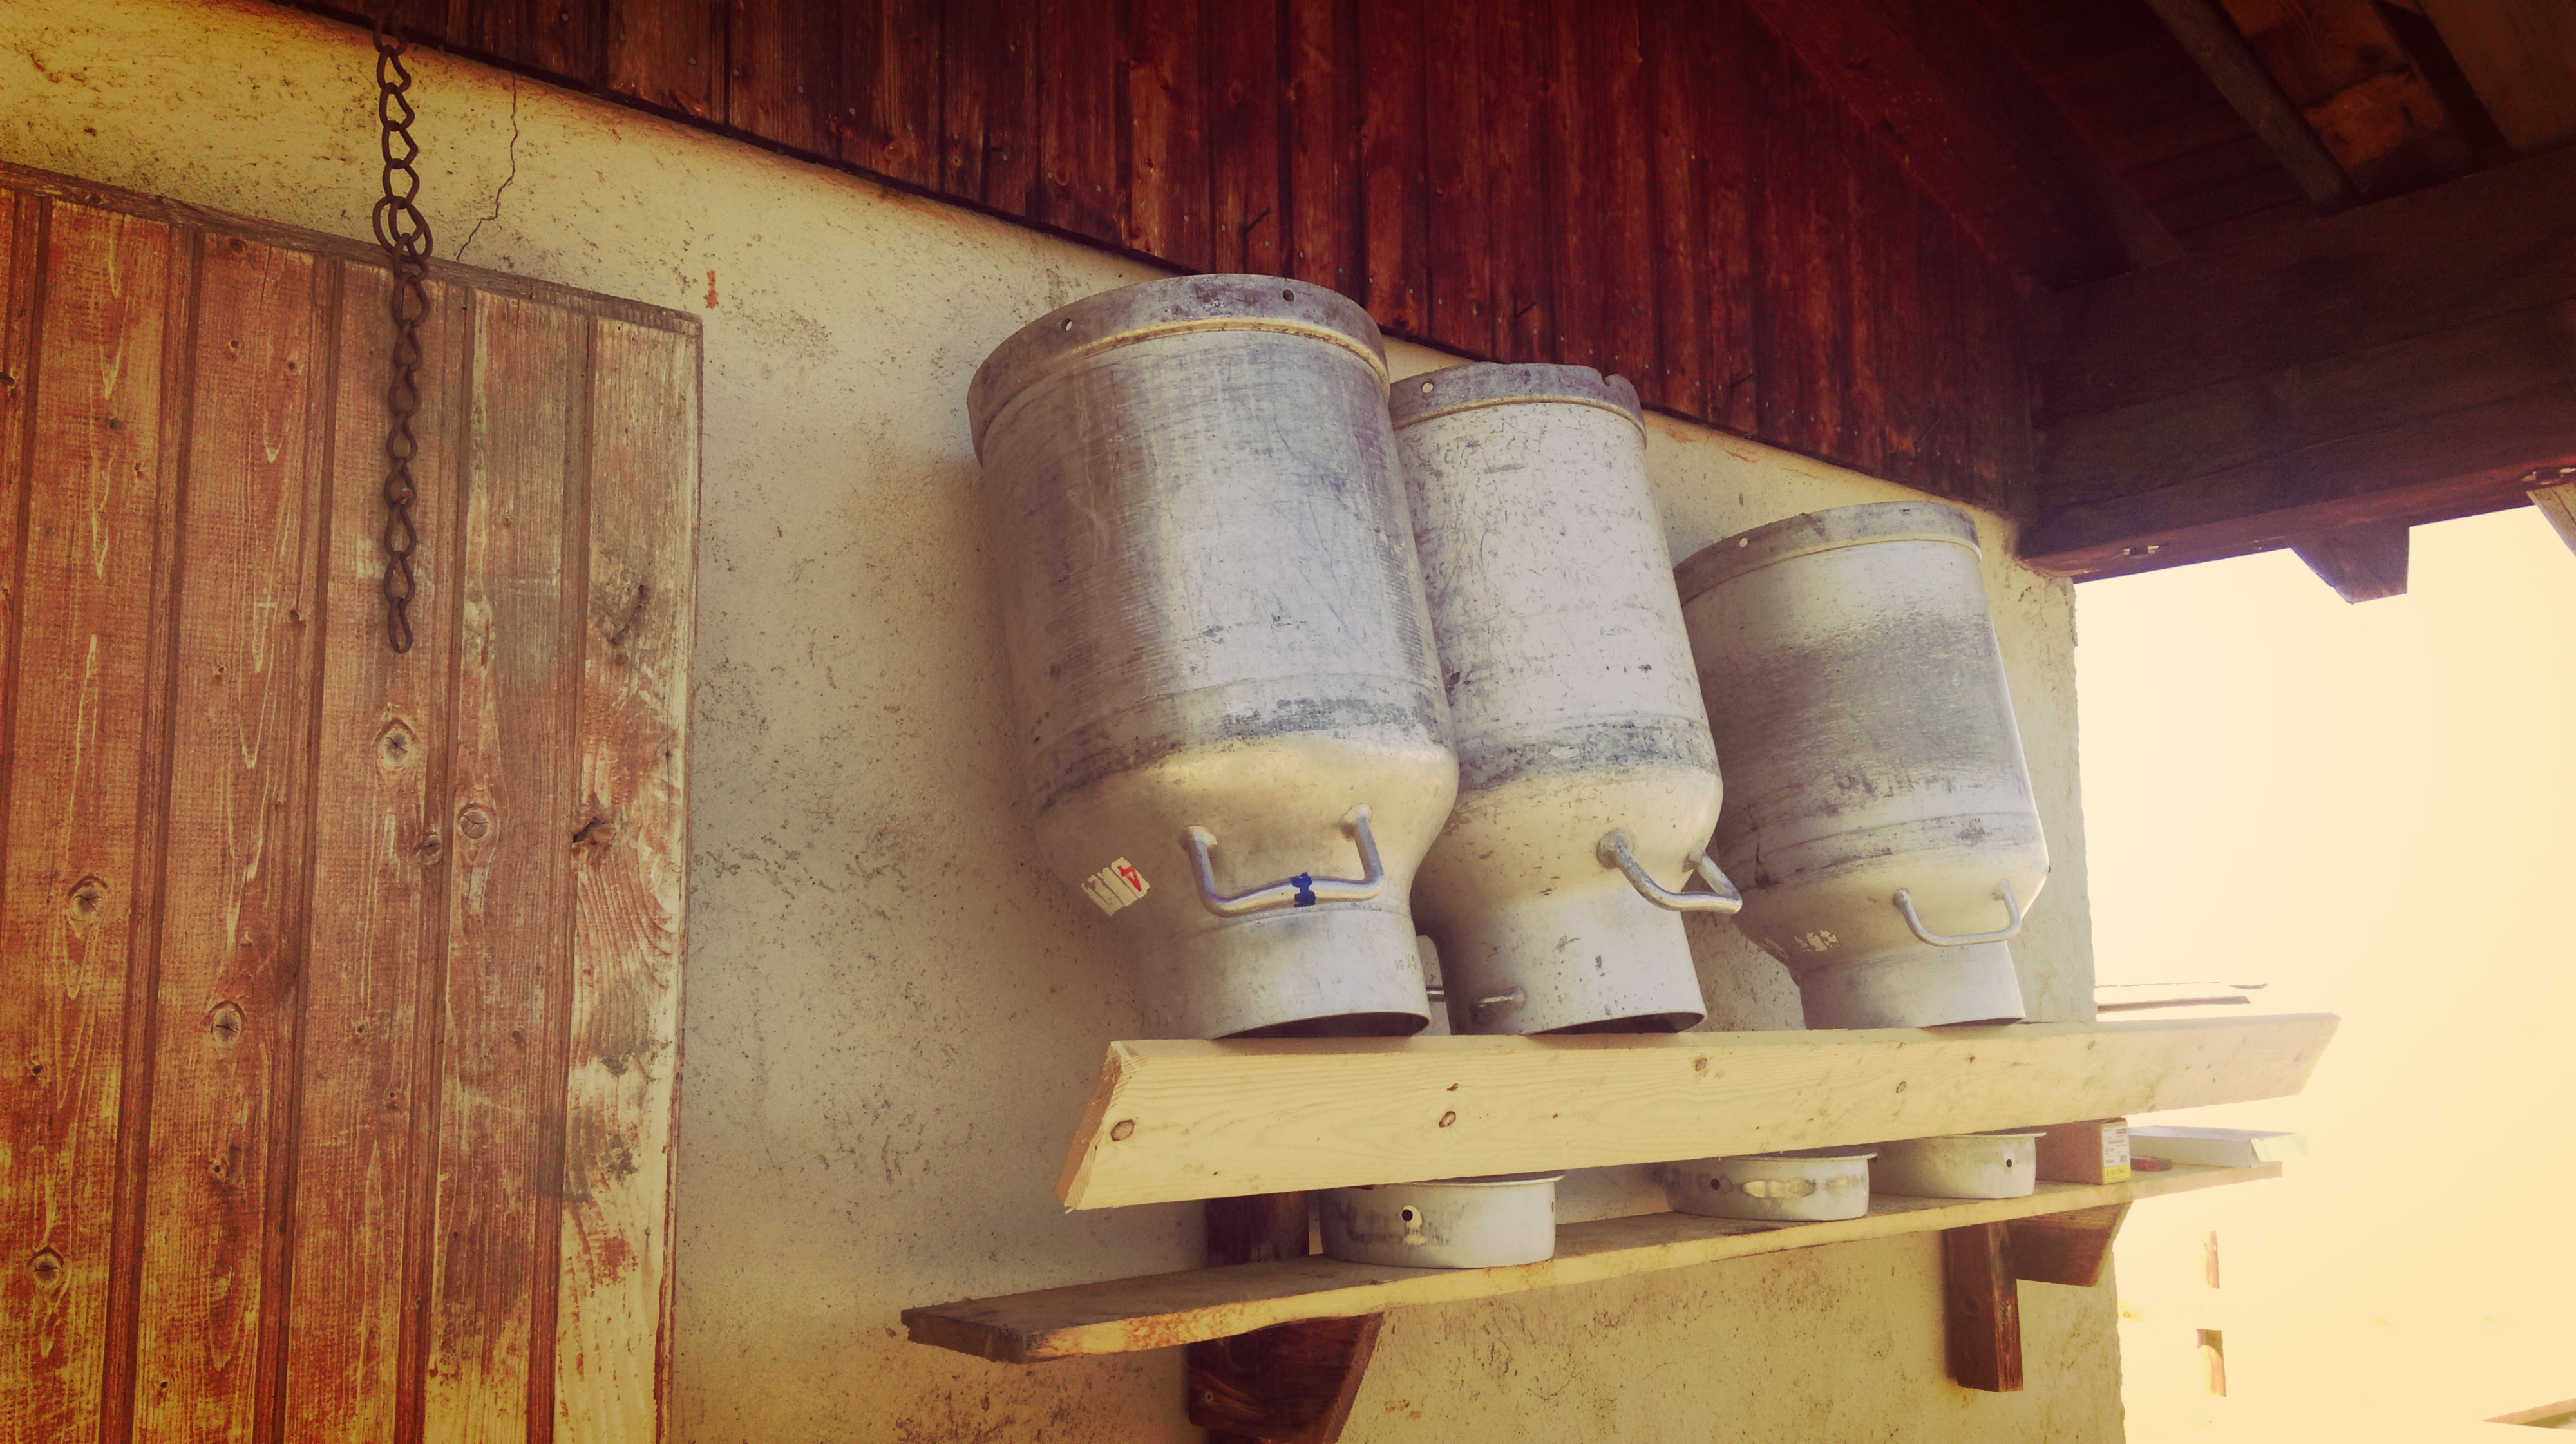 Milchkanne auf der Alm Region Hall-Wattens in Tirol